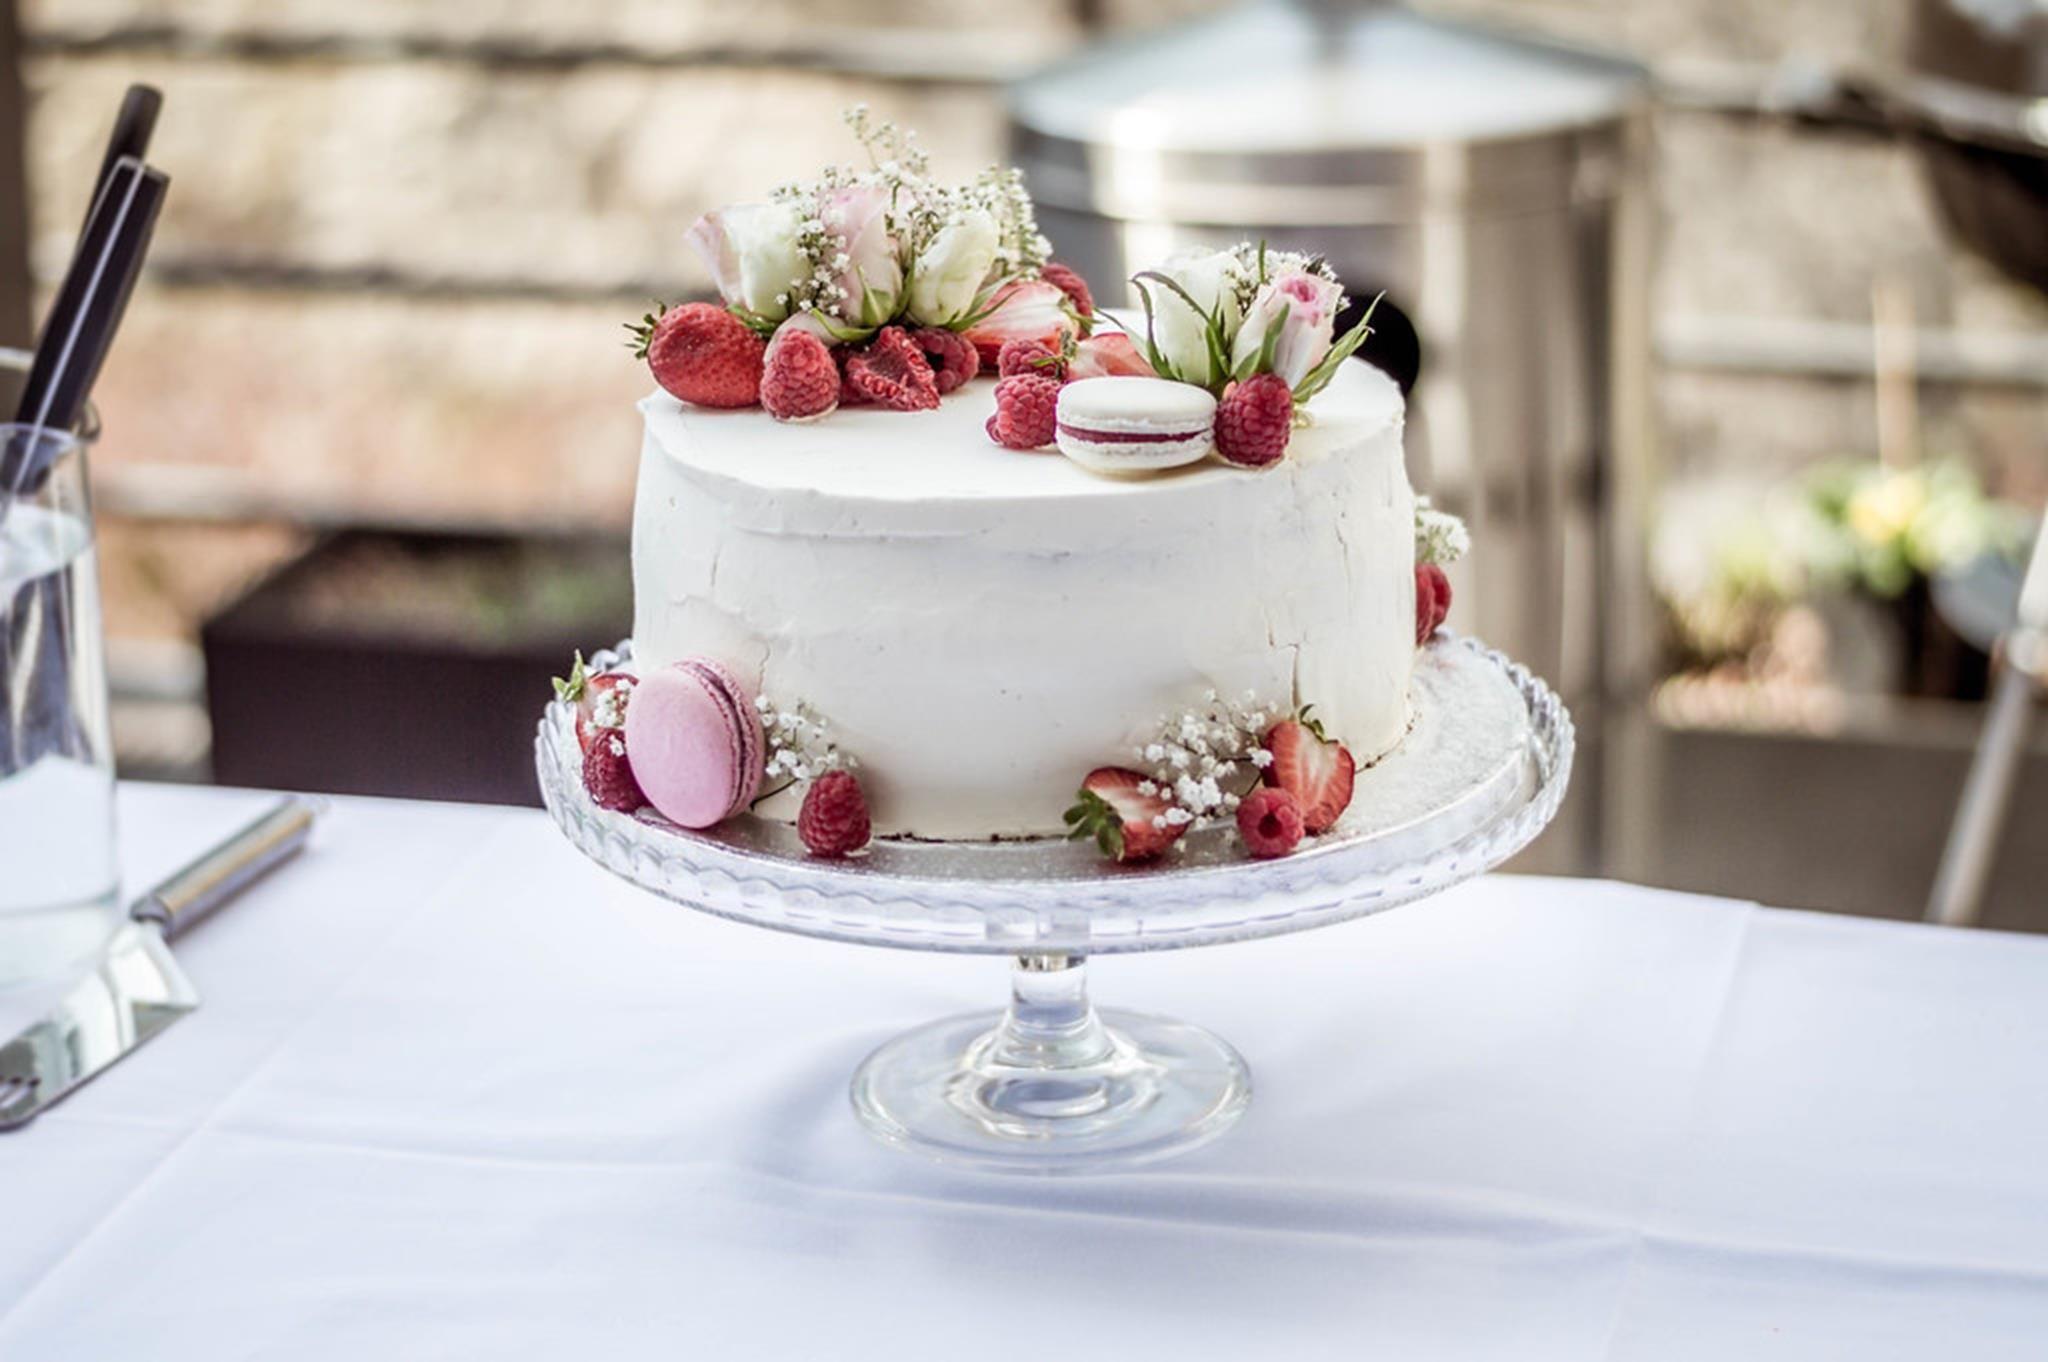 Wedding Cake Korean Song Lyrics Cake Wedding Cakes Wedding Cake Designs